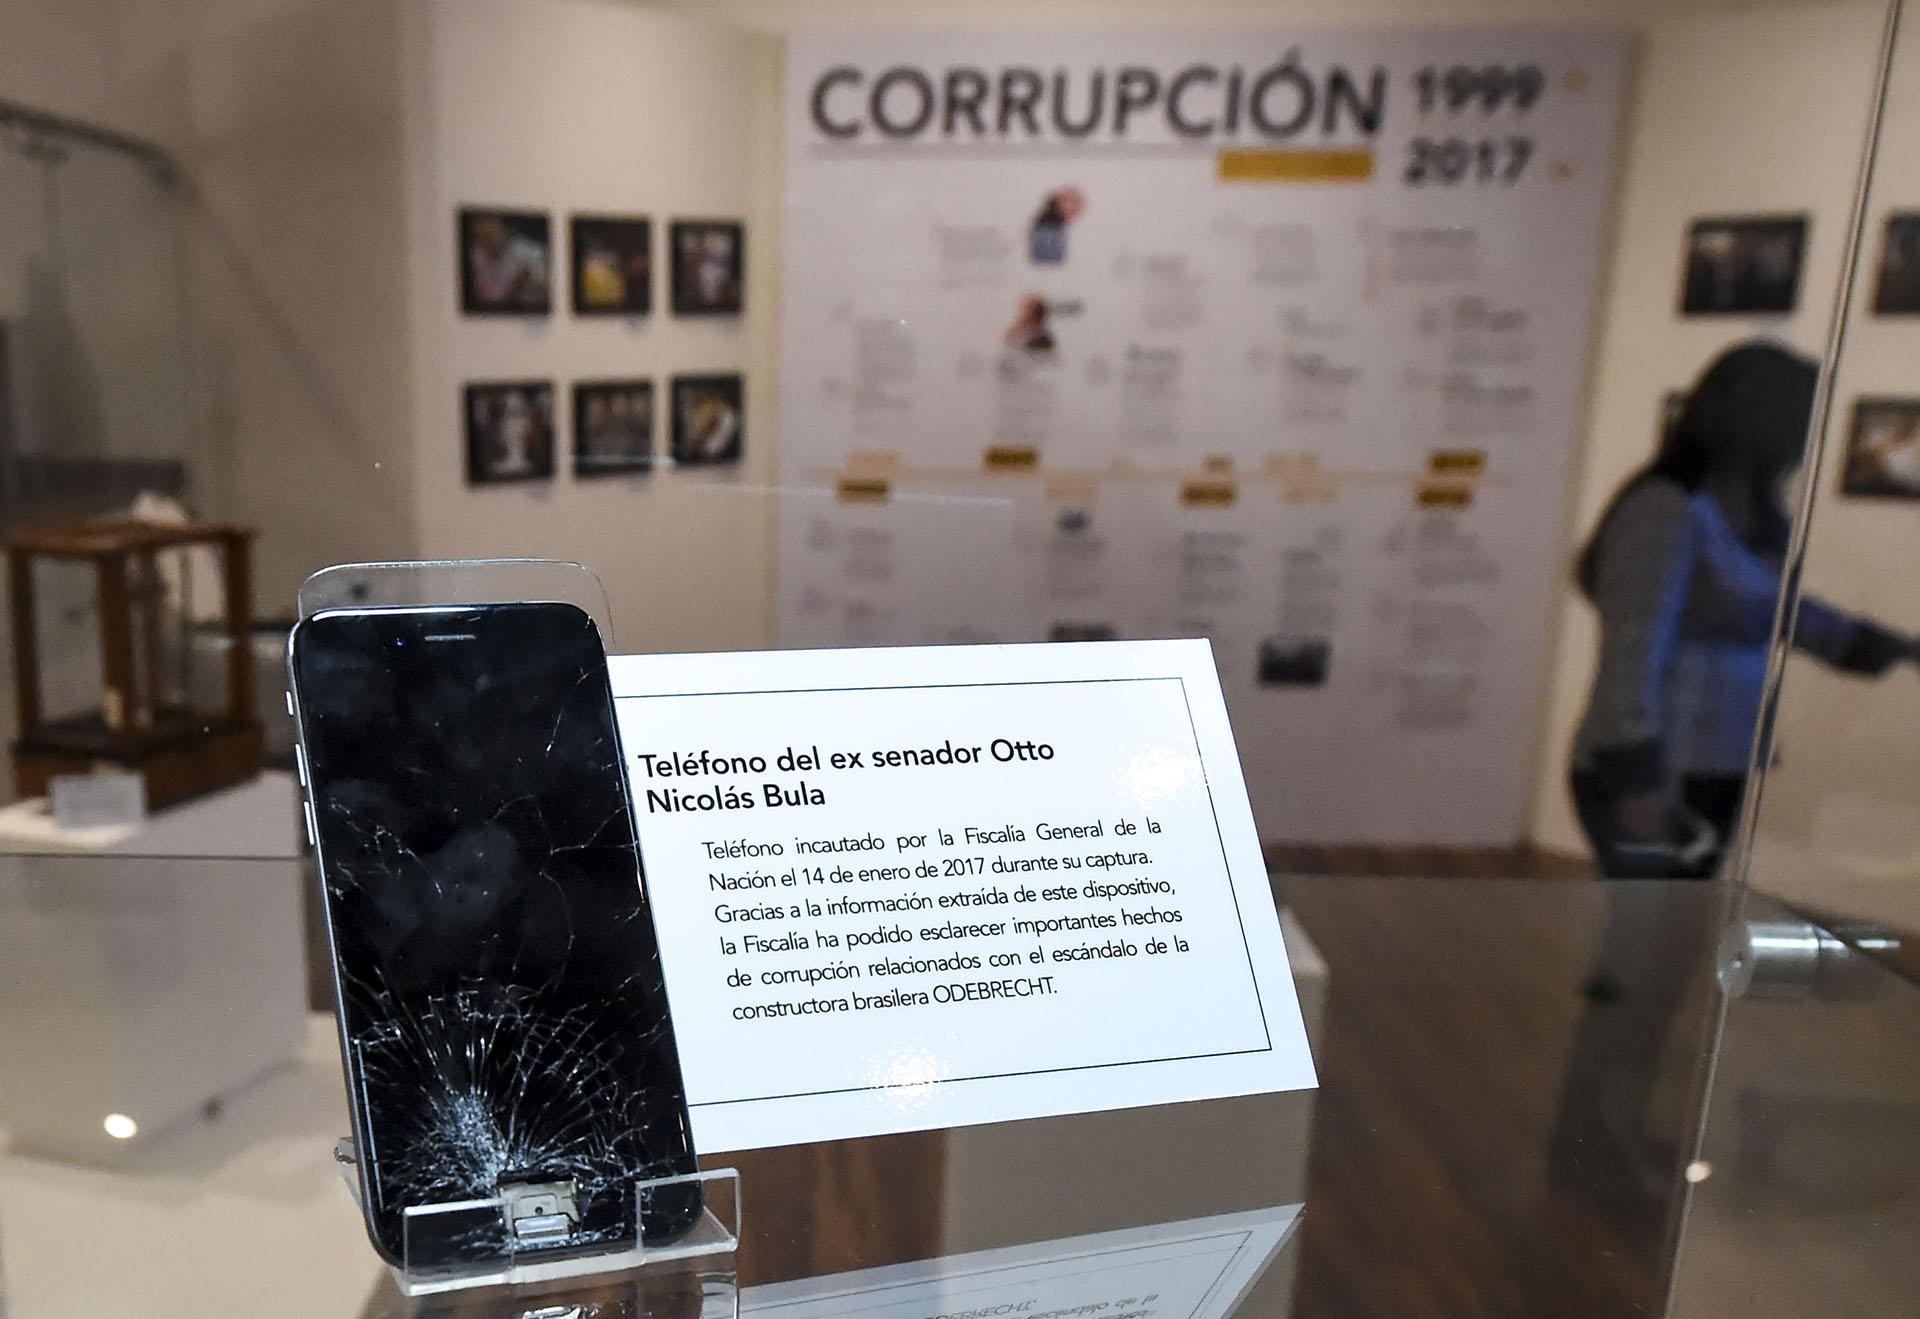 El escándalo Odebrecht también está representado en el Museo de la Fiscalía de Colombia. Aquí el teléfono del ex senador Otto Nicolás Bula (AFP)